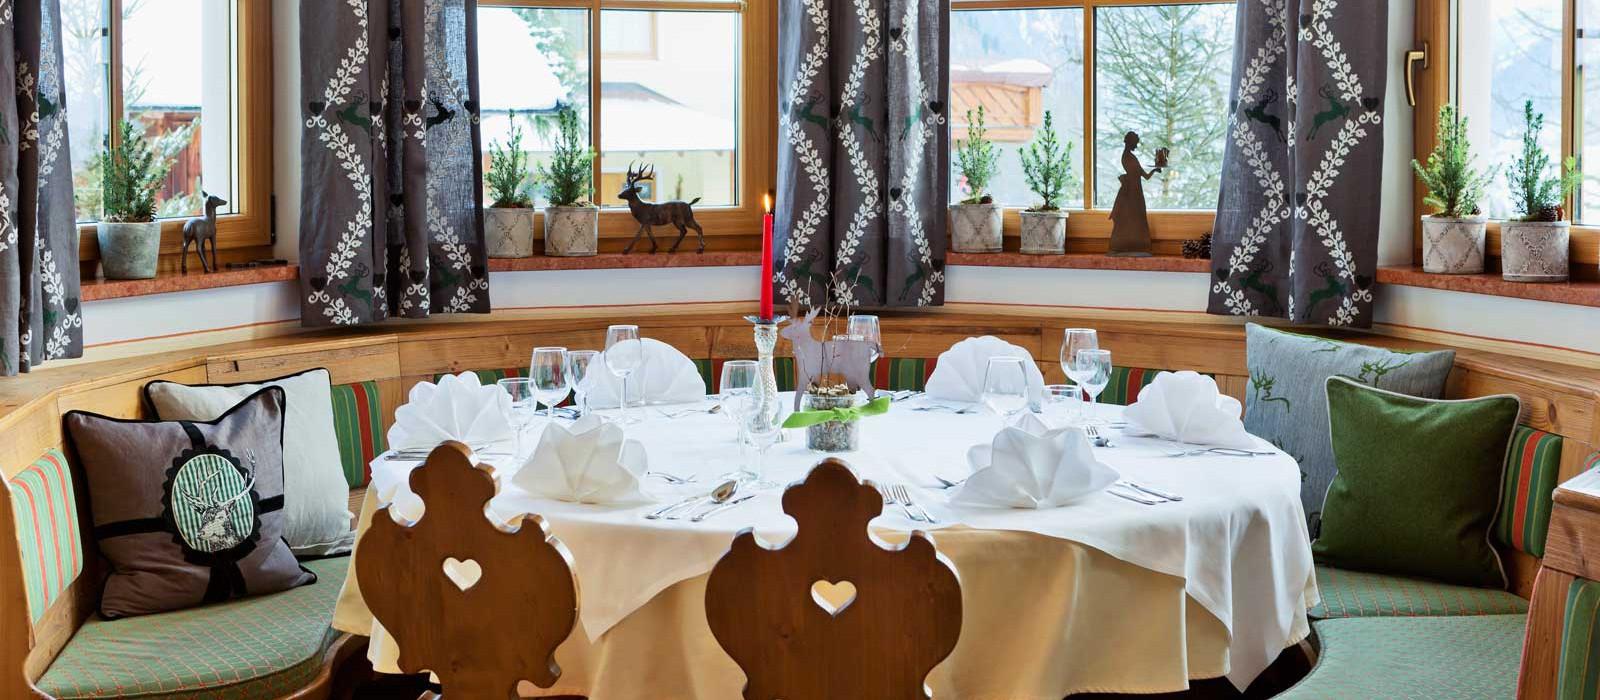 Gemütlich und stilvoll - das Untermüllnergut Restaurant